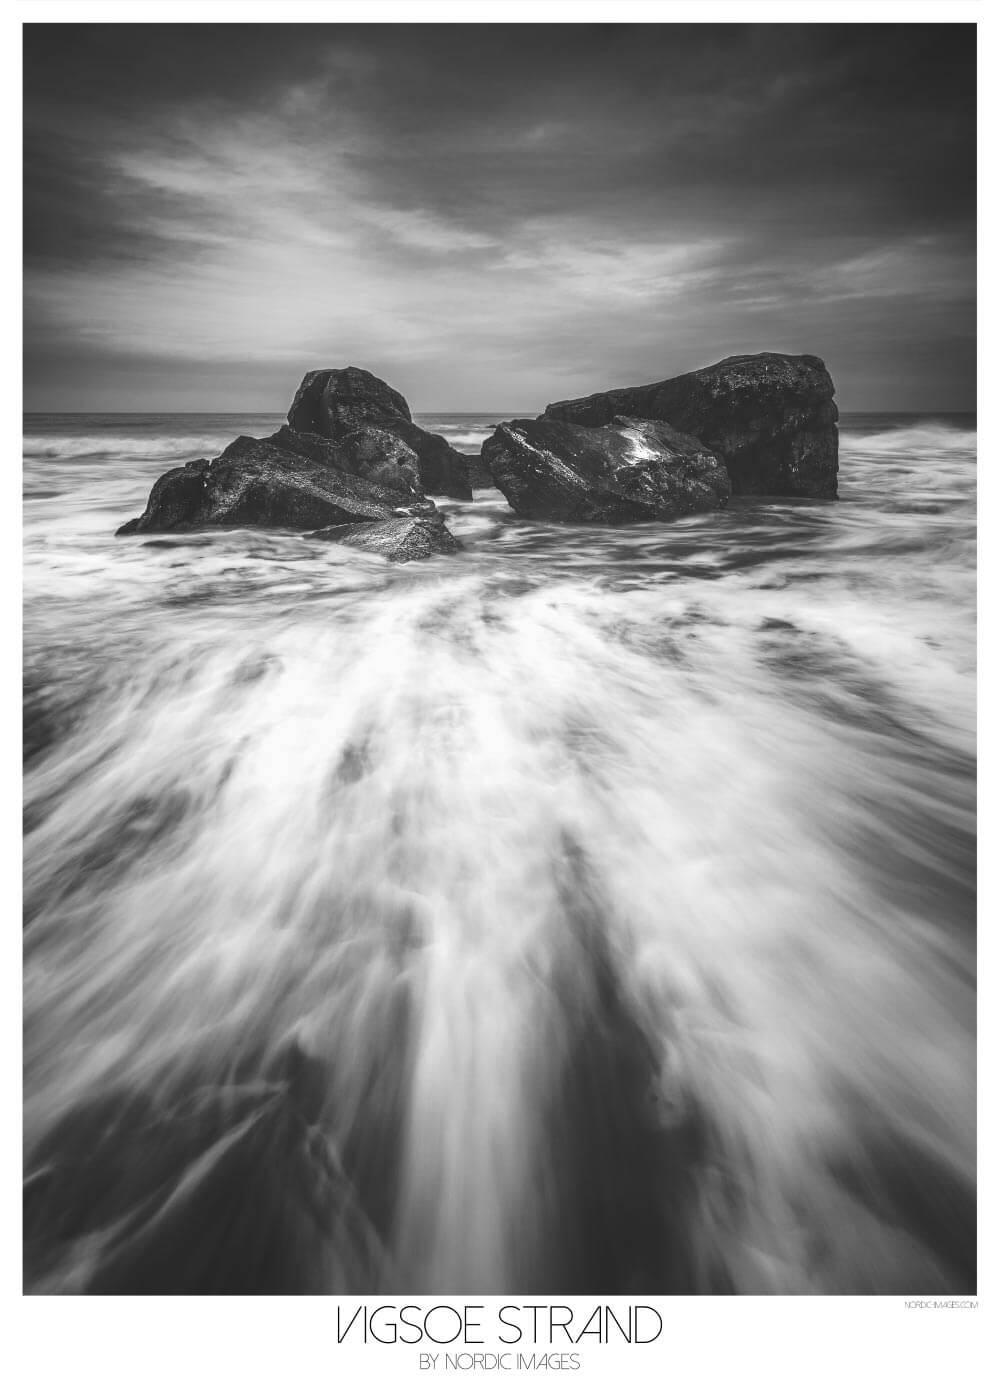 Billede af Vigsø strand - Brian Lichtenstein plakat